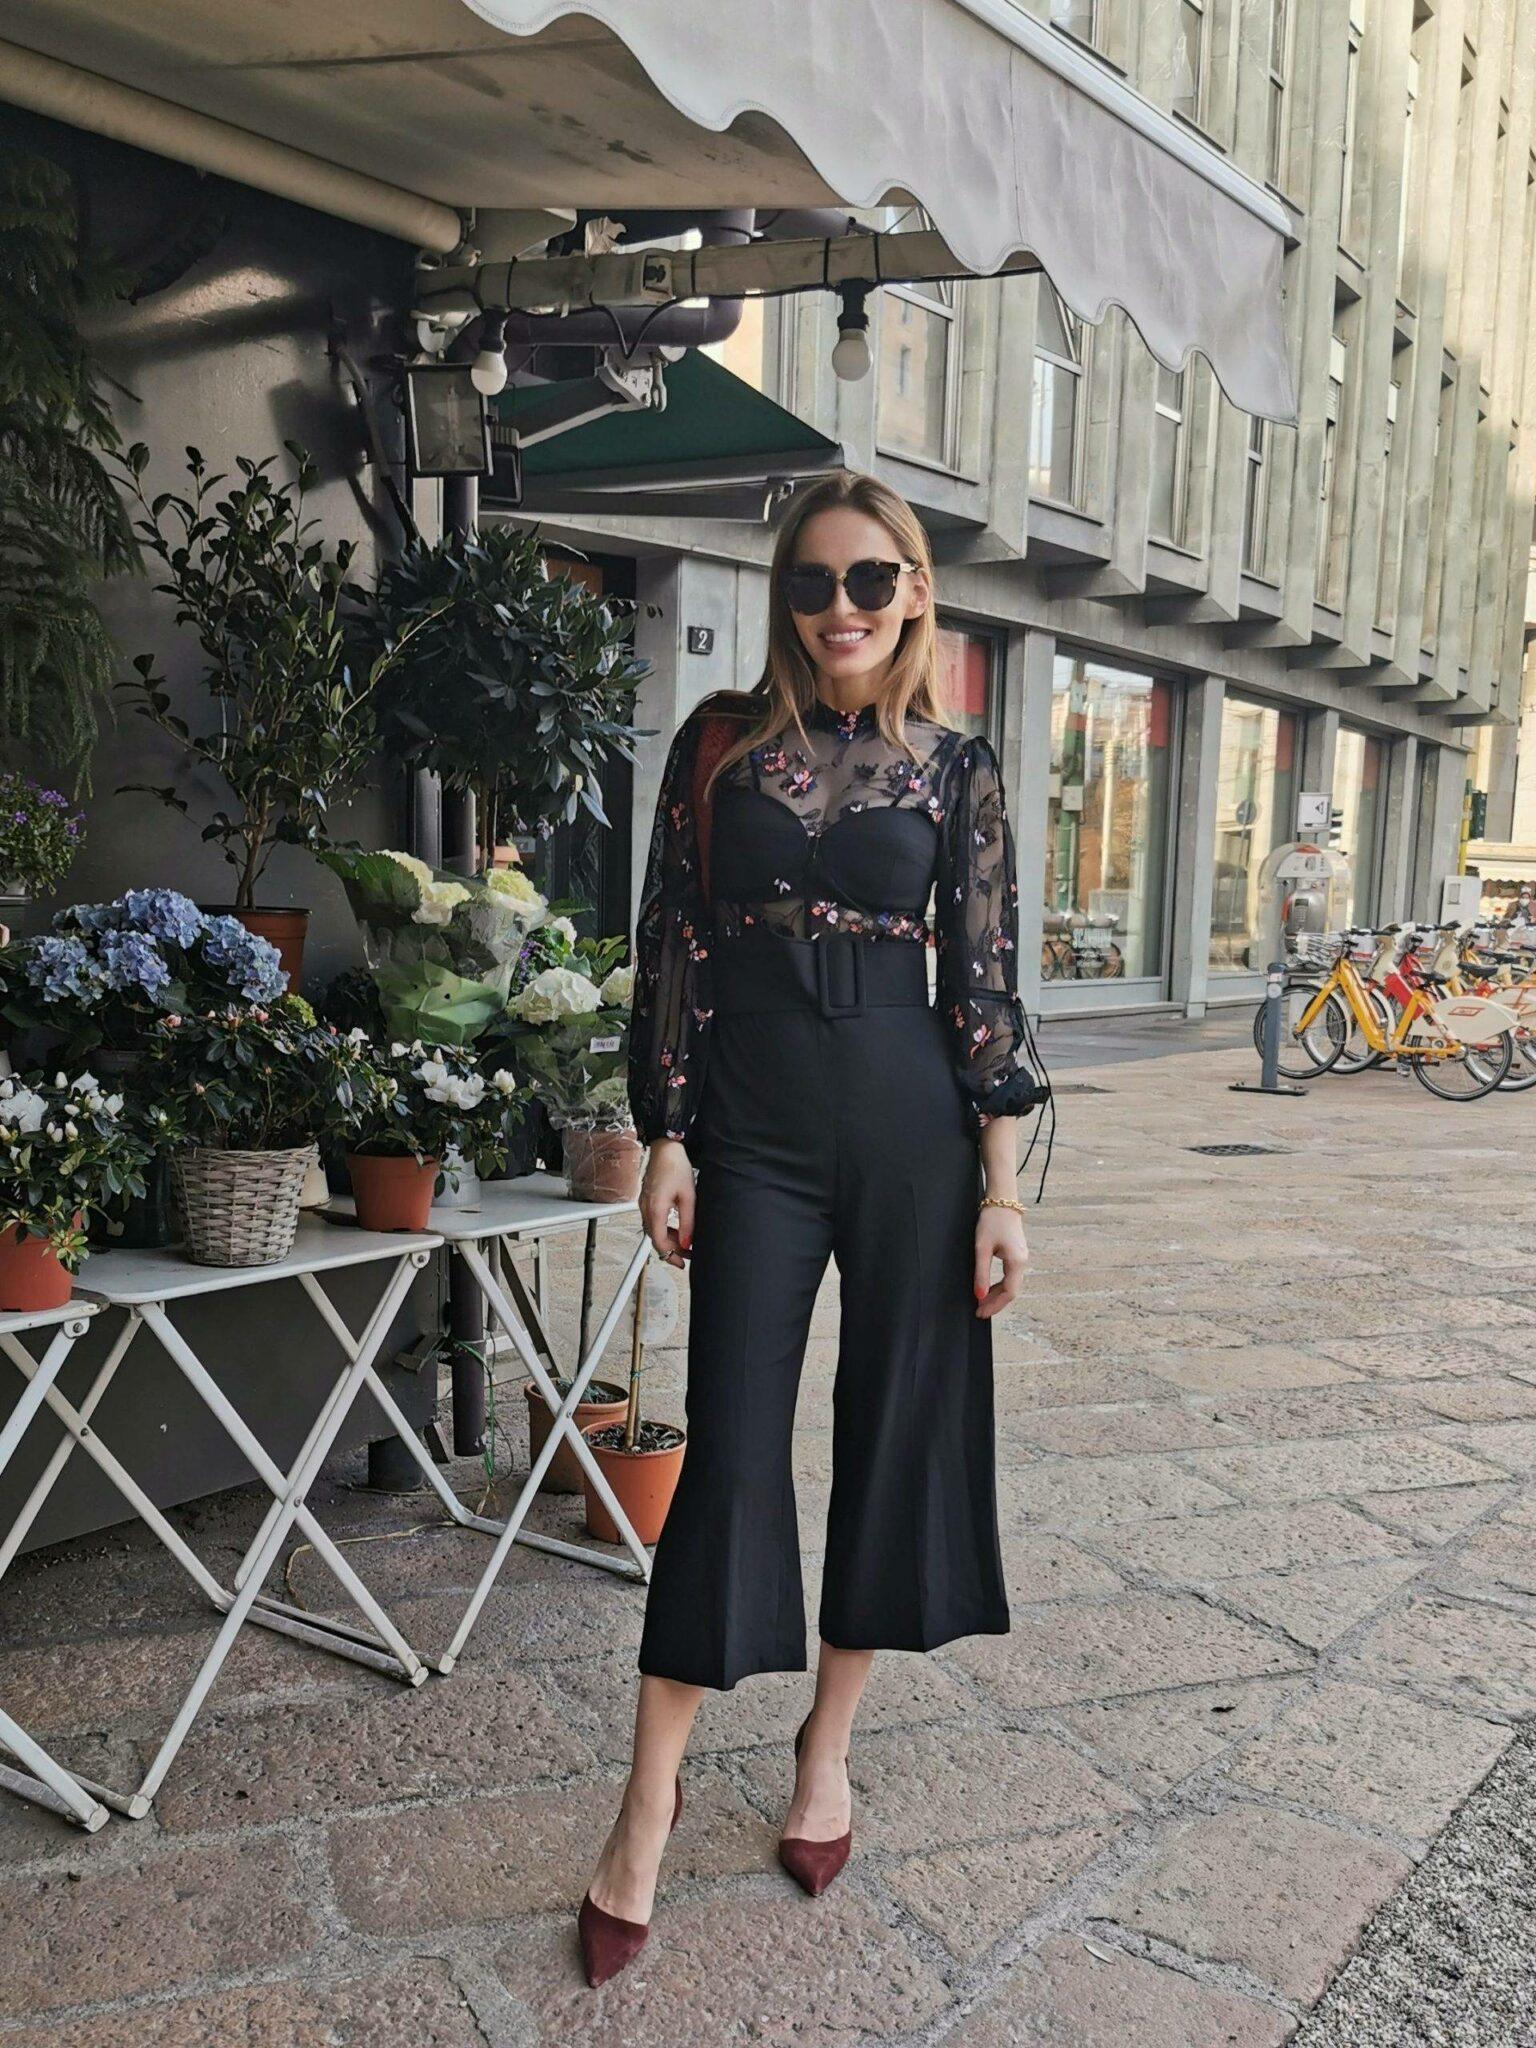 Bela_zofia wearing Three Floor jumpsuit in Milan during Milan Fashion week